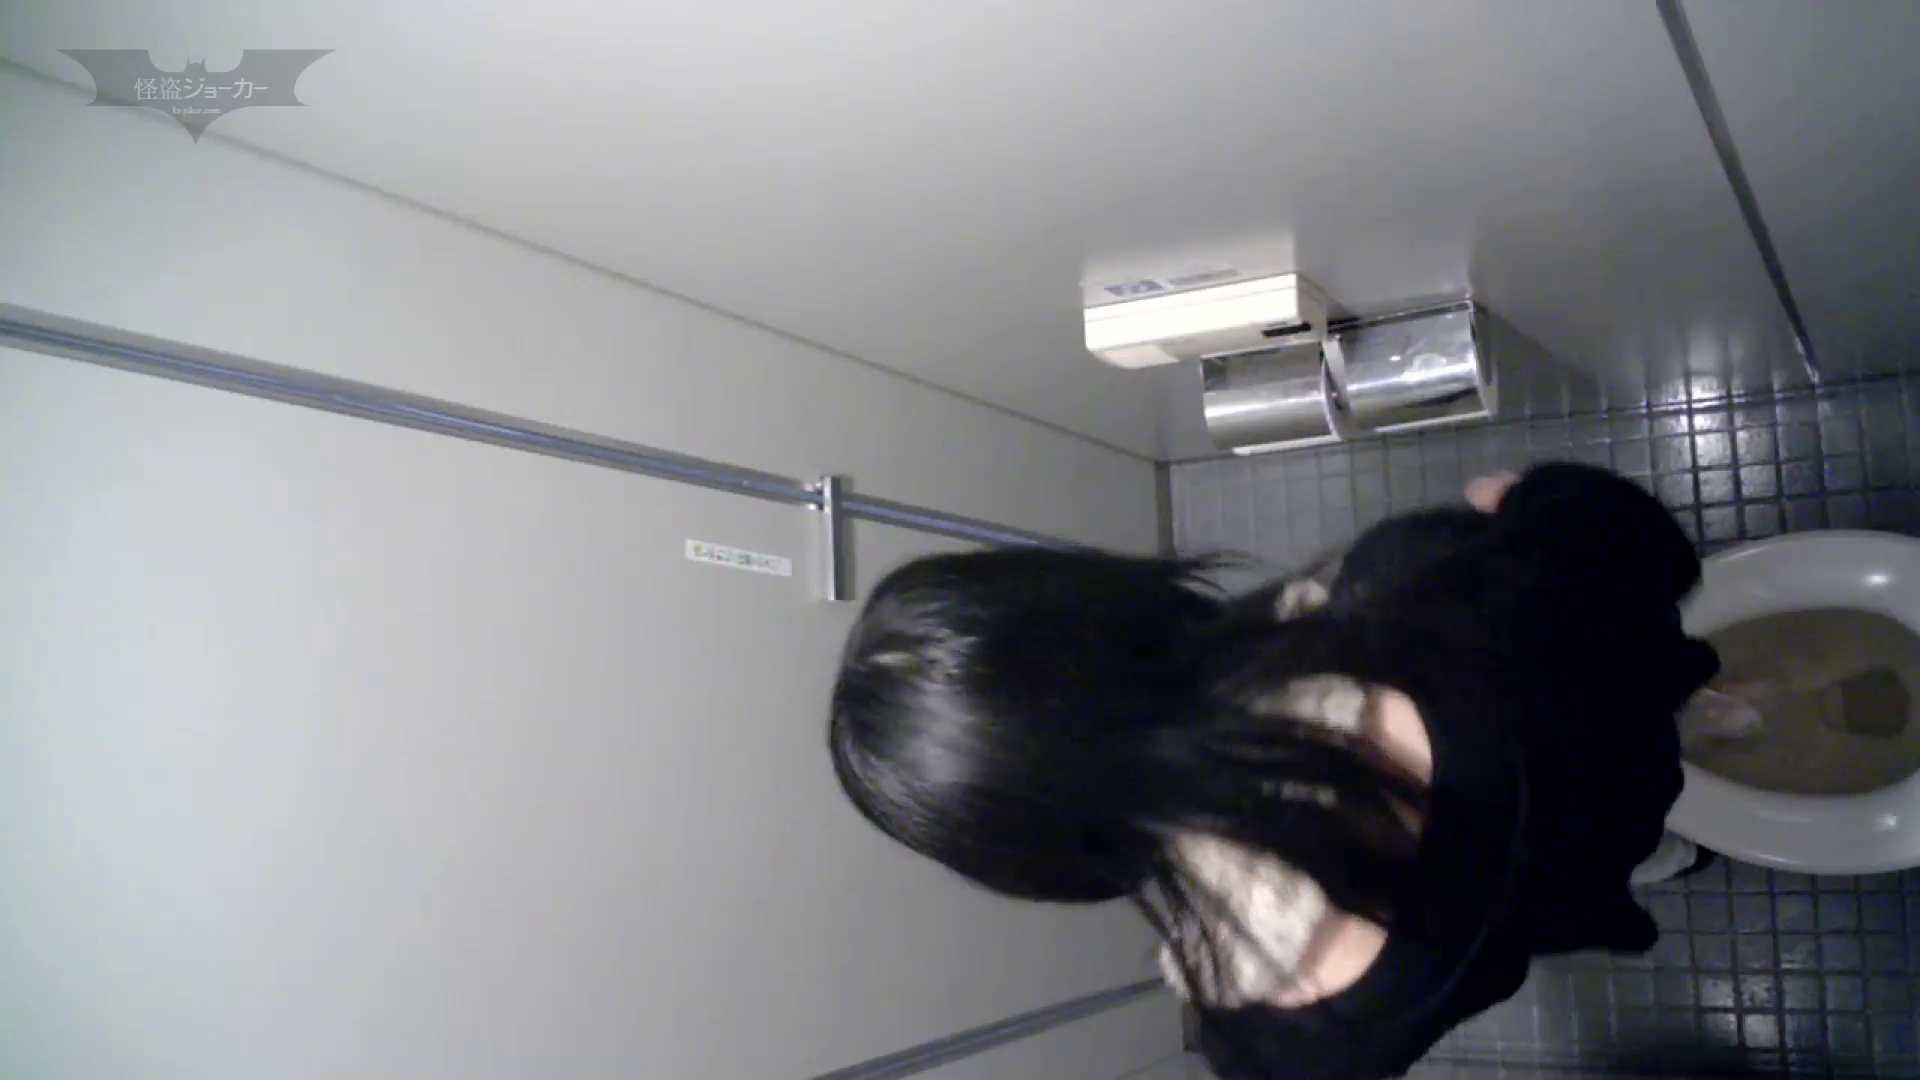 有名大学女性洗面所 vol.56 集まれもこもこ冬服美女!! 和式 AV無料動画キャプチャ 104PIX 19